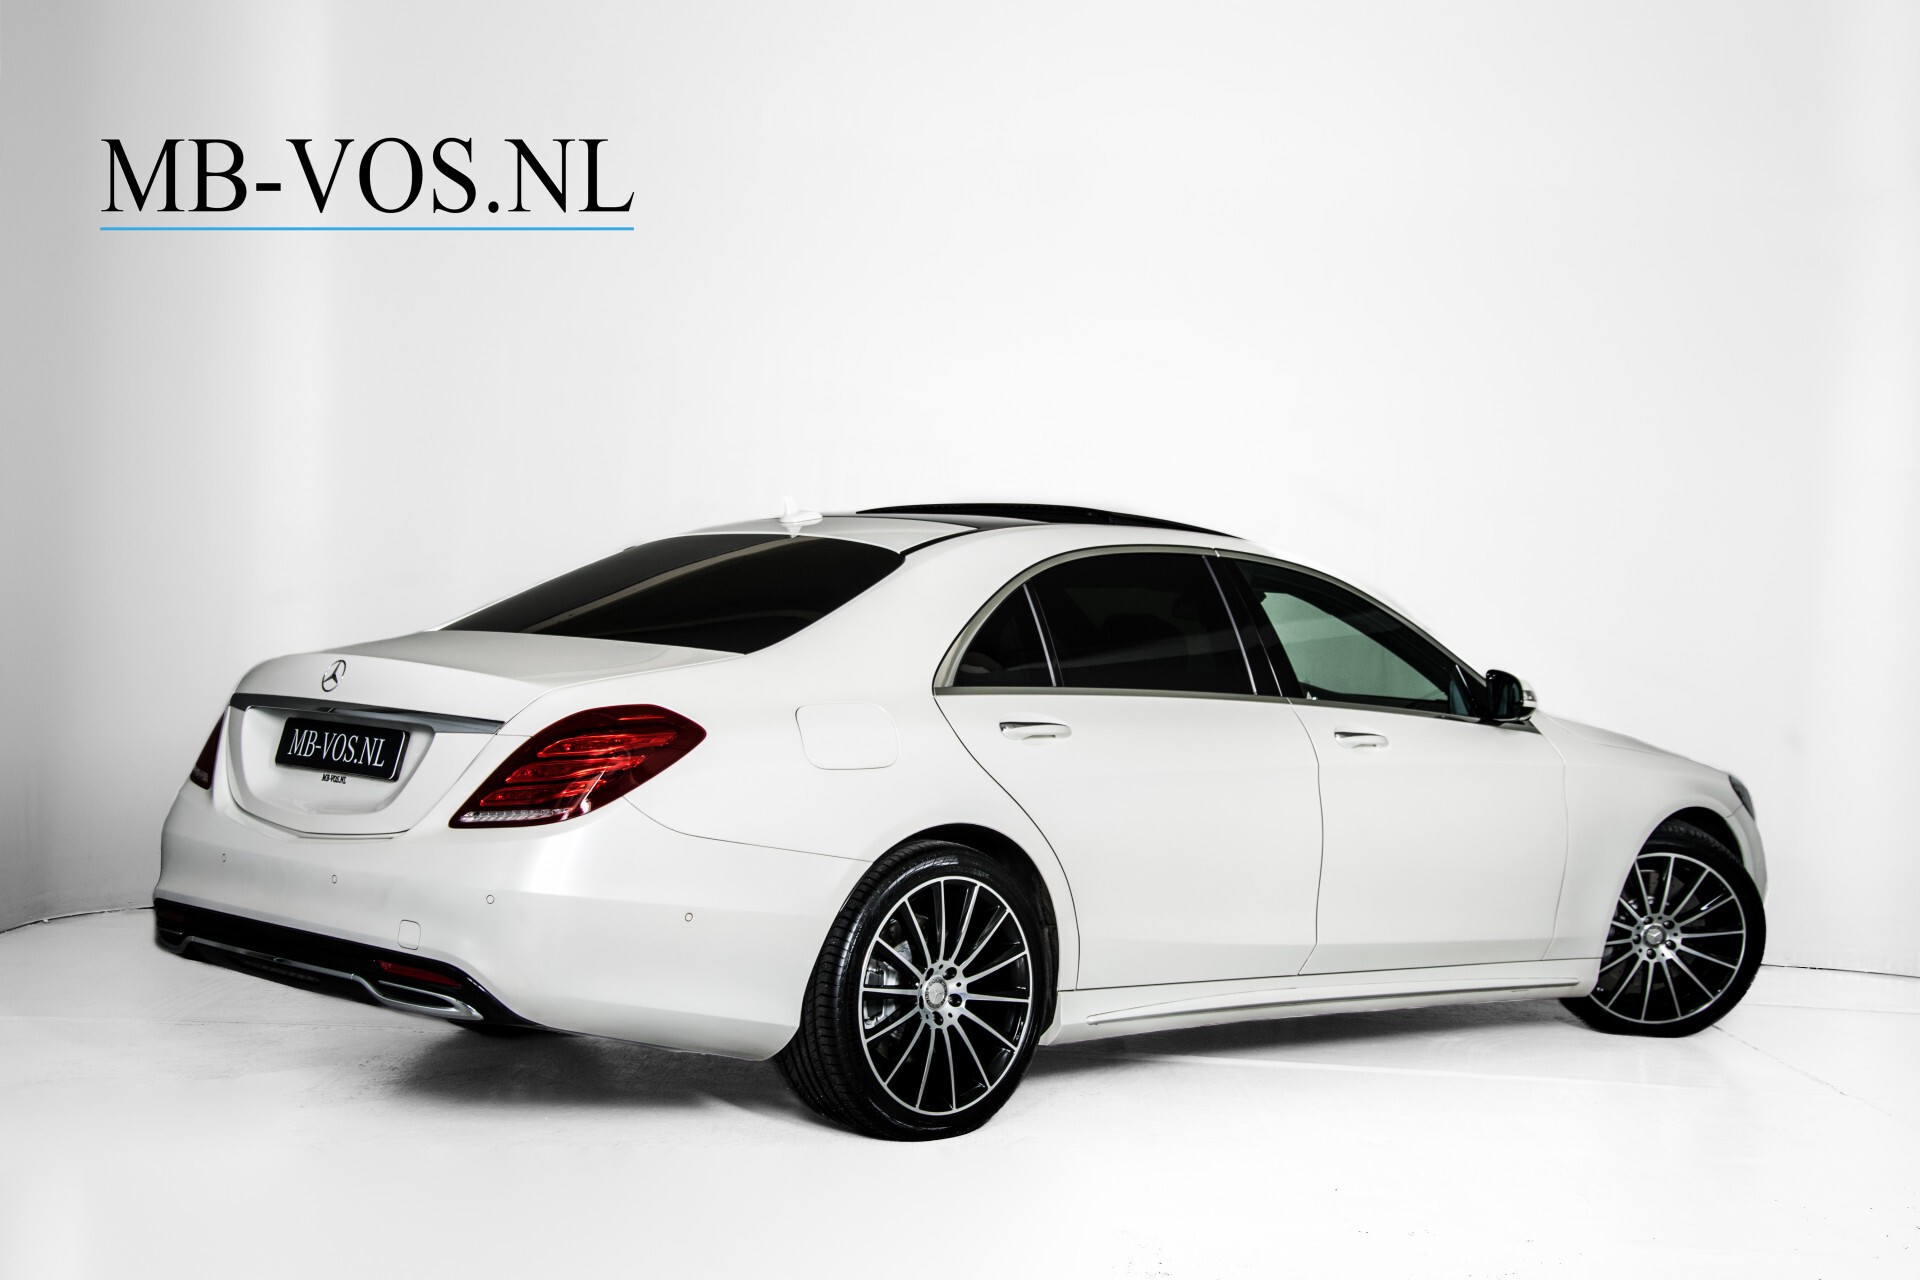 Mercedes-Benz S-Klasse 350 Bluetec Lang 4-M AMG Plus Carbon/Burmester 3D/Standkachel/4xMassage/Entertainment Aut7 Foto 2